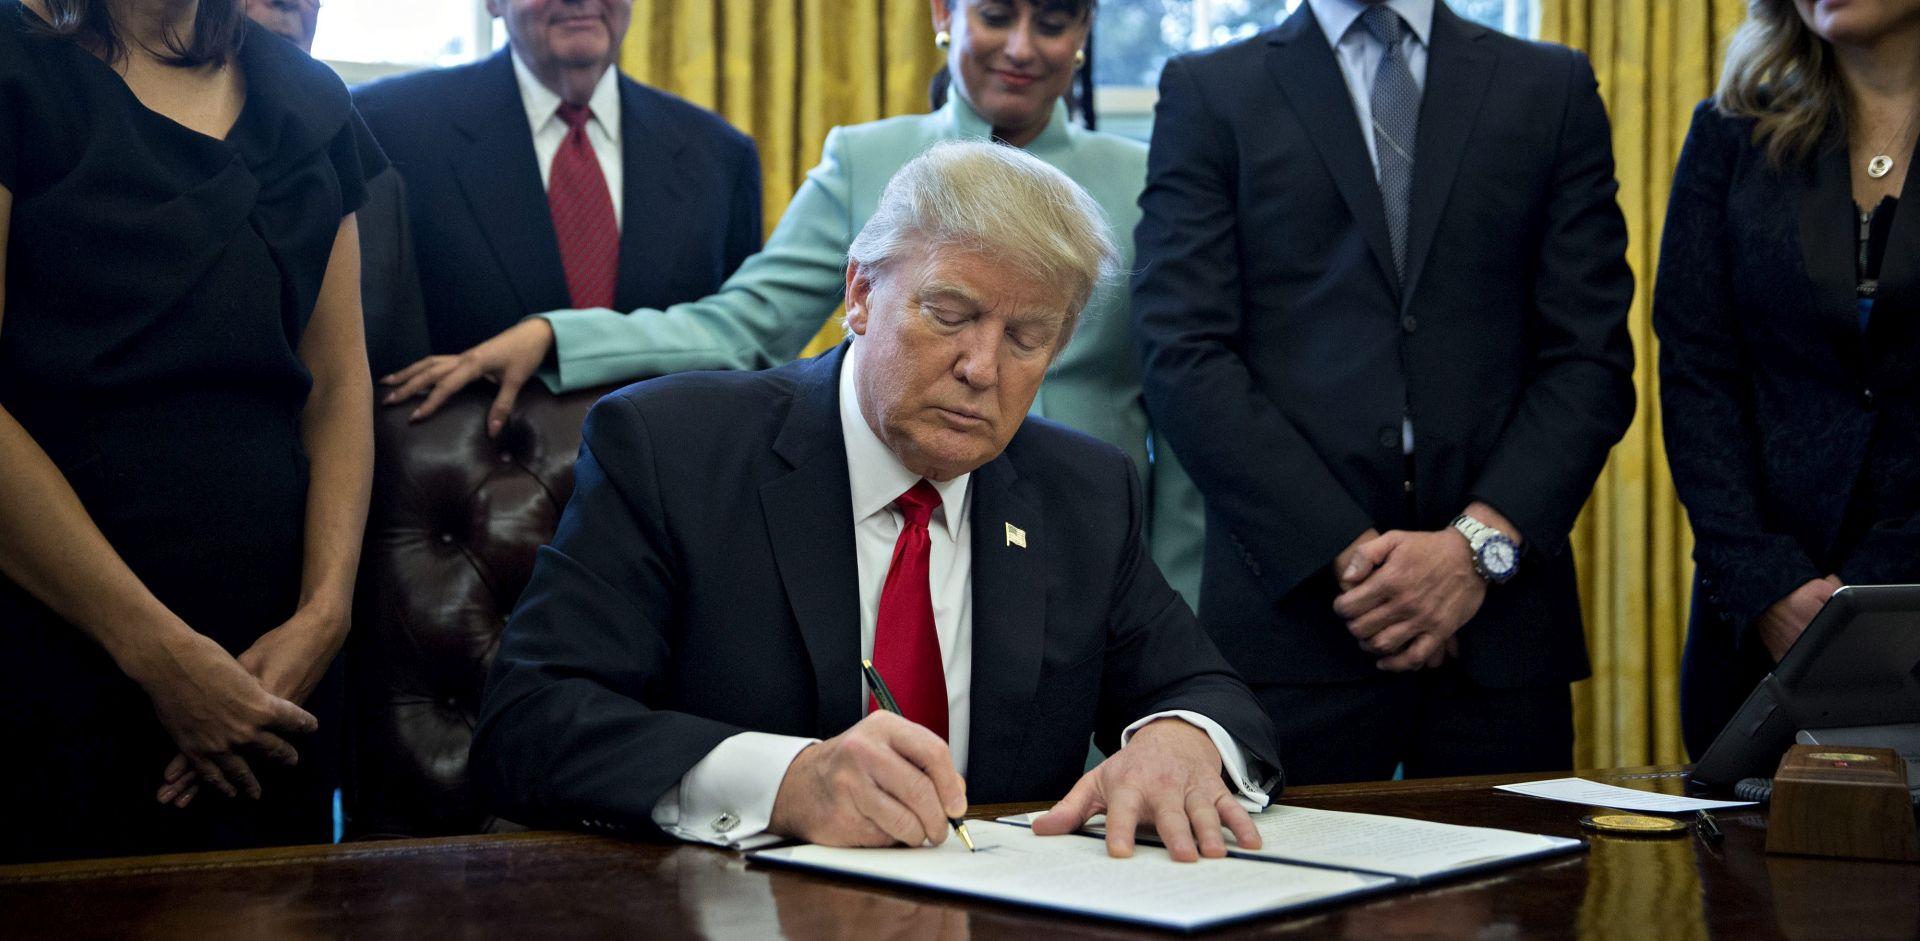 NOVA UREDBA DONALDA TRUMPA: SAD će promijeniti politiku prema klimatskim promjenama